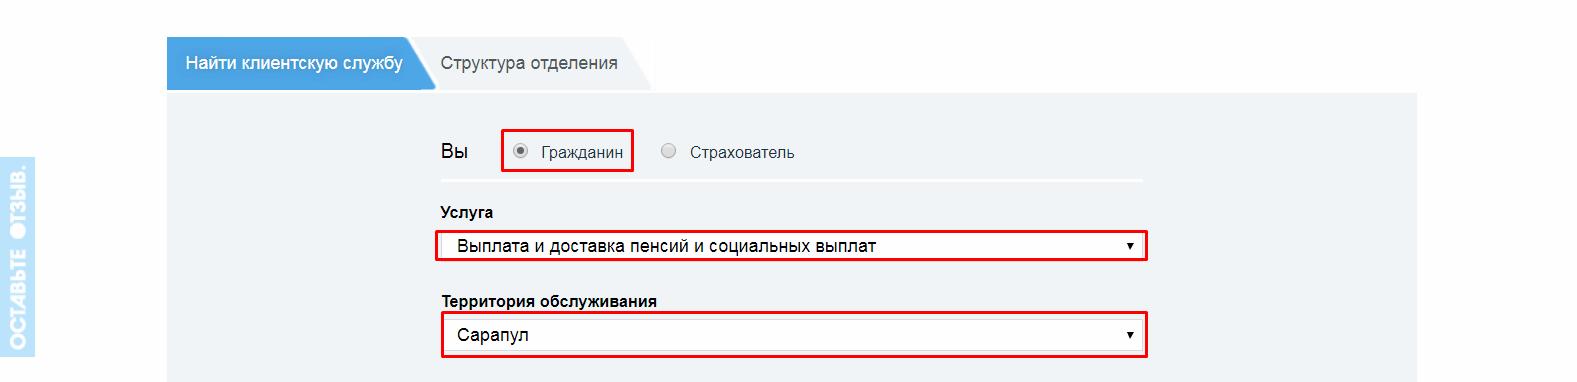 Пенсионный фонд Удмуртской республики Ижевск официальный сайт